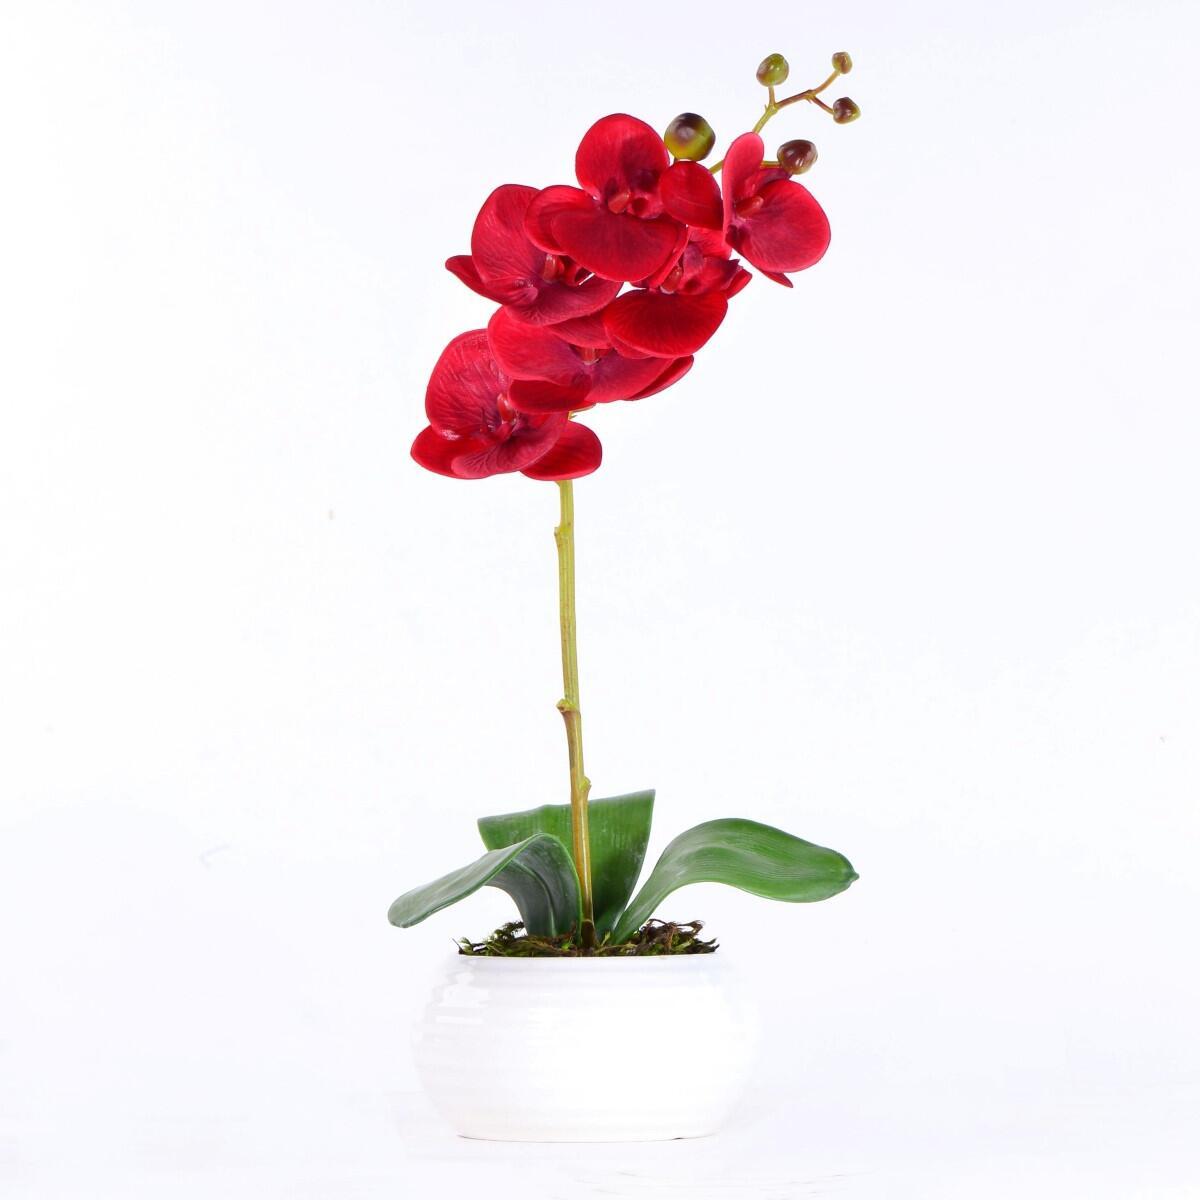 Arranjo de Orquídea Vermelha L'amour